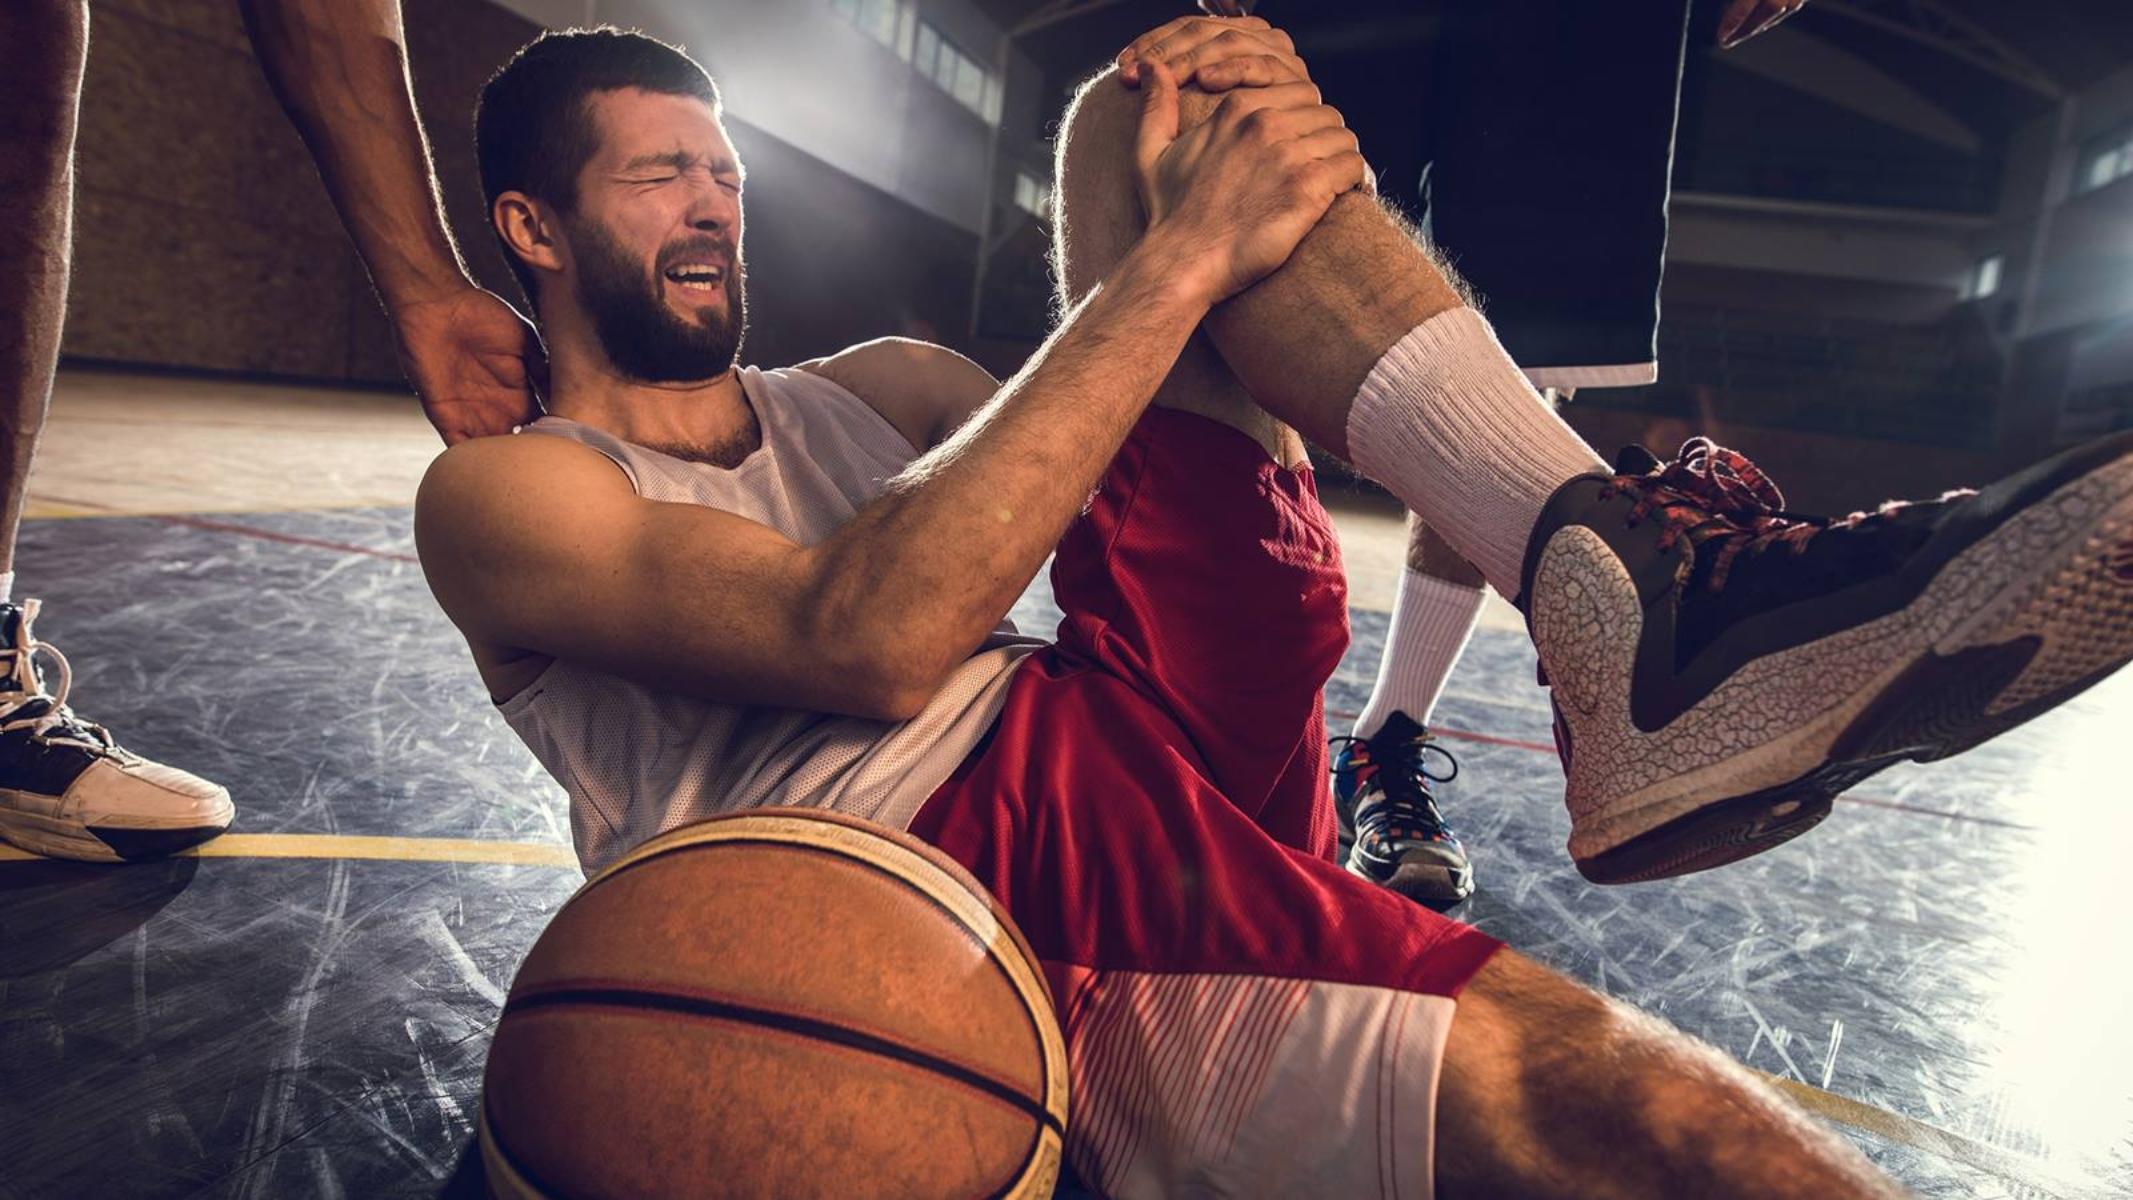 Αθλητισμός: Όλα όσα πρέπει να ξέρετε για τους τραυματισμούς